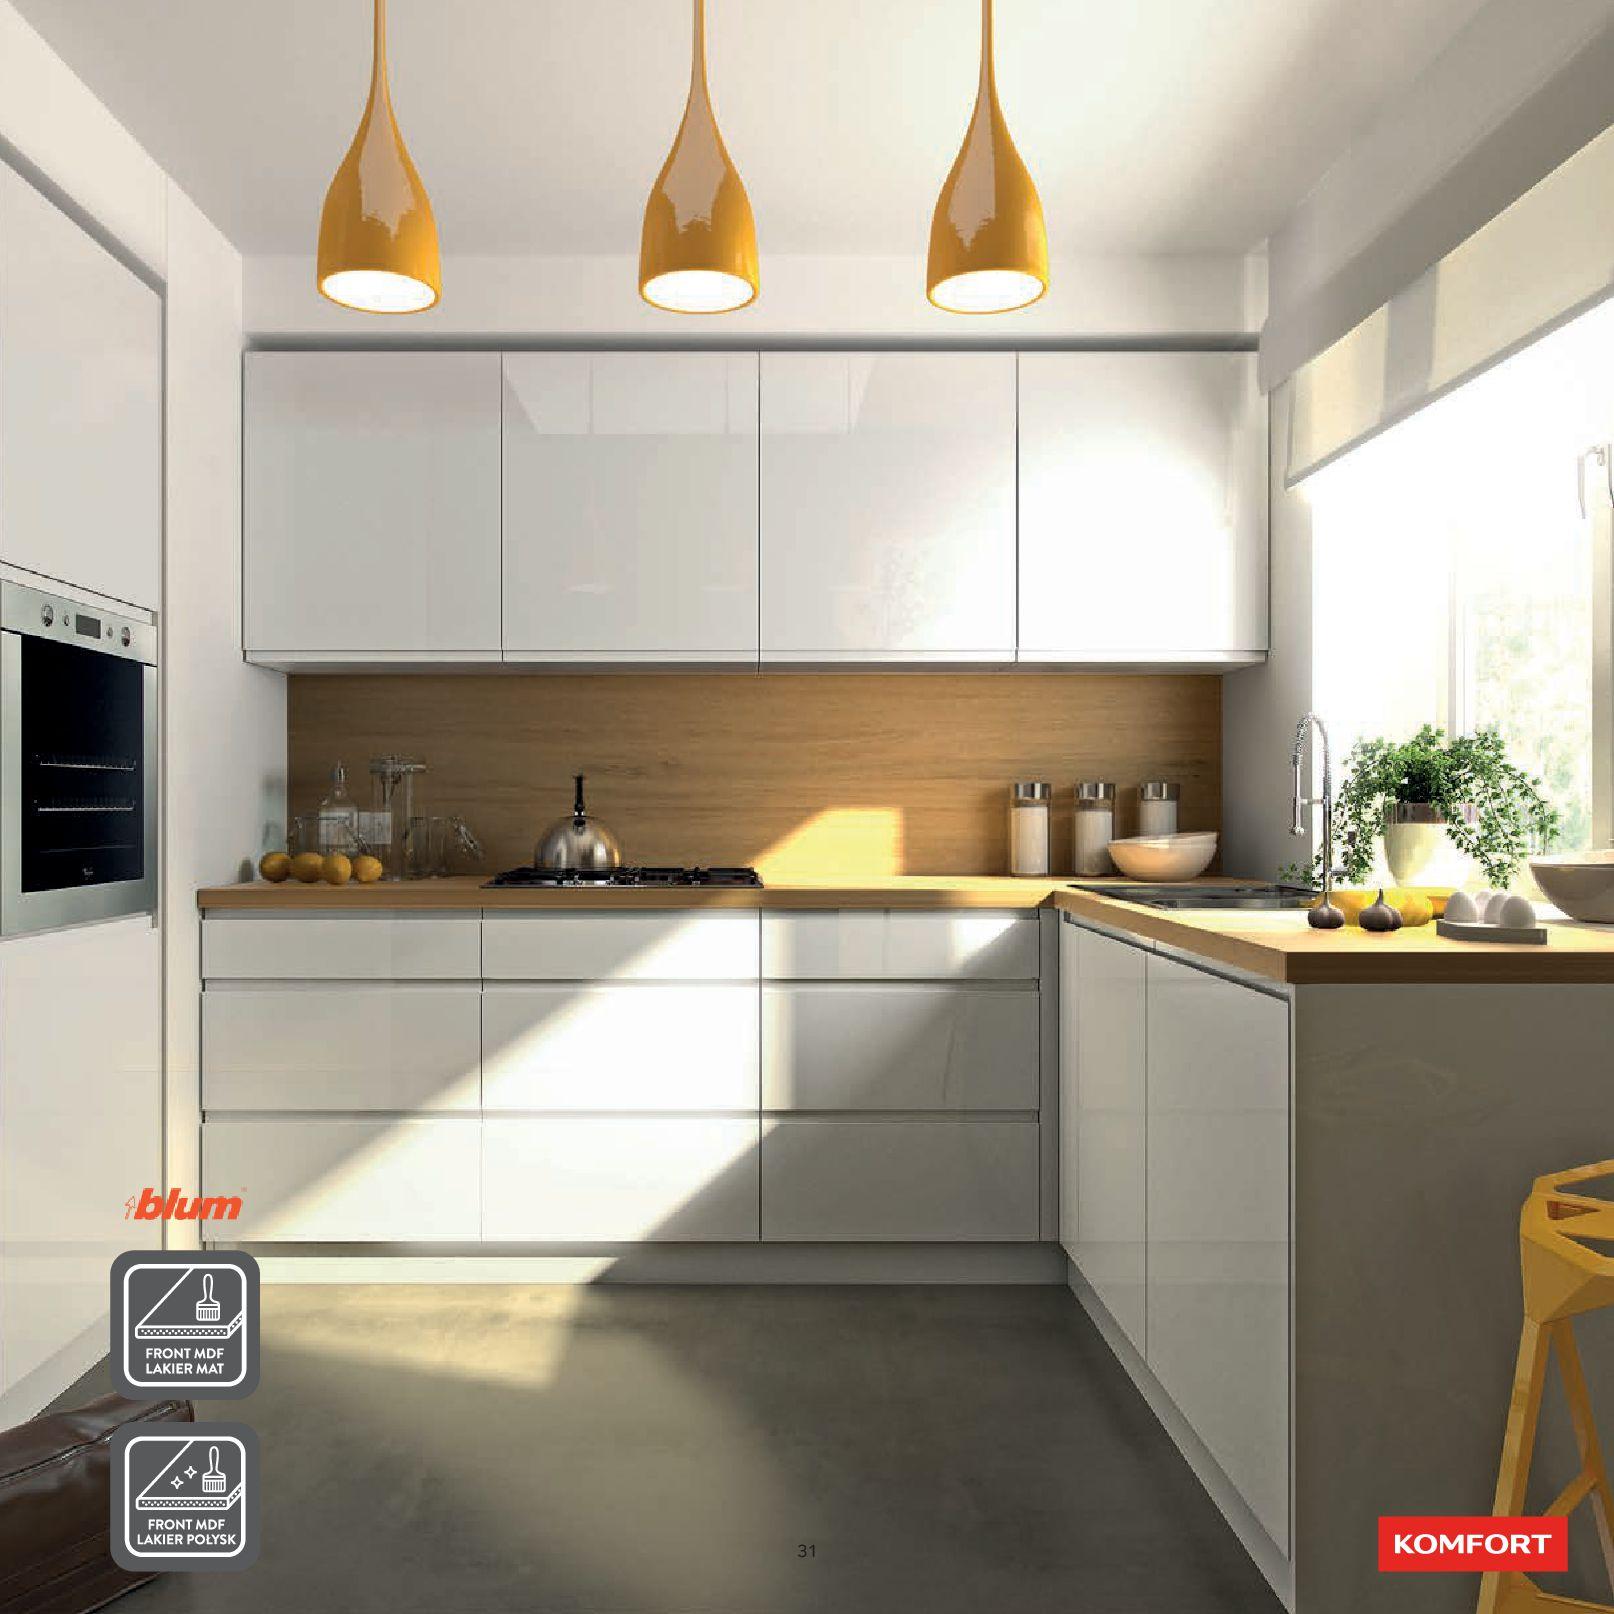 Gazetka Komfort: Gazetka Komfort - Katalog Kuchnie 2021 2021-06-16 page-33